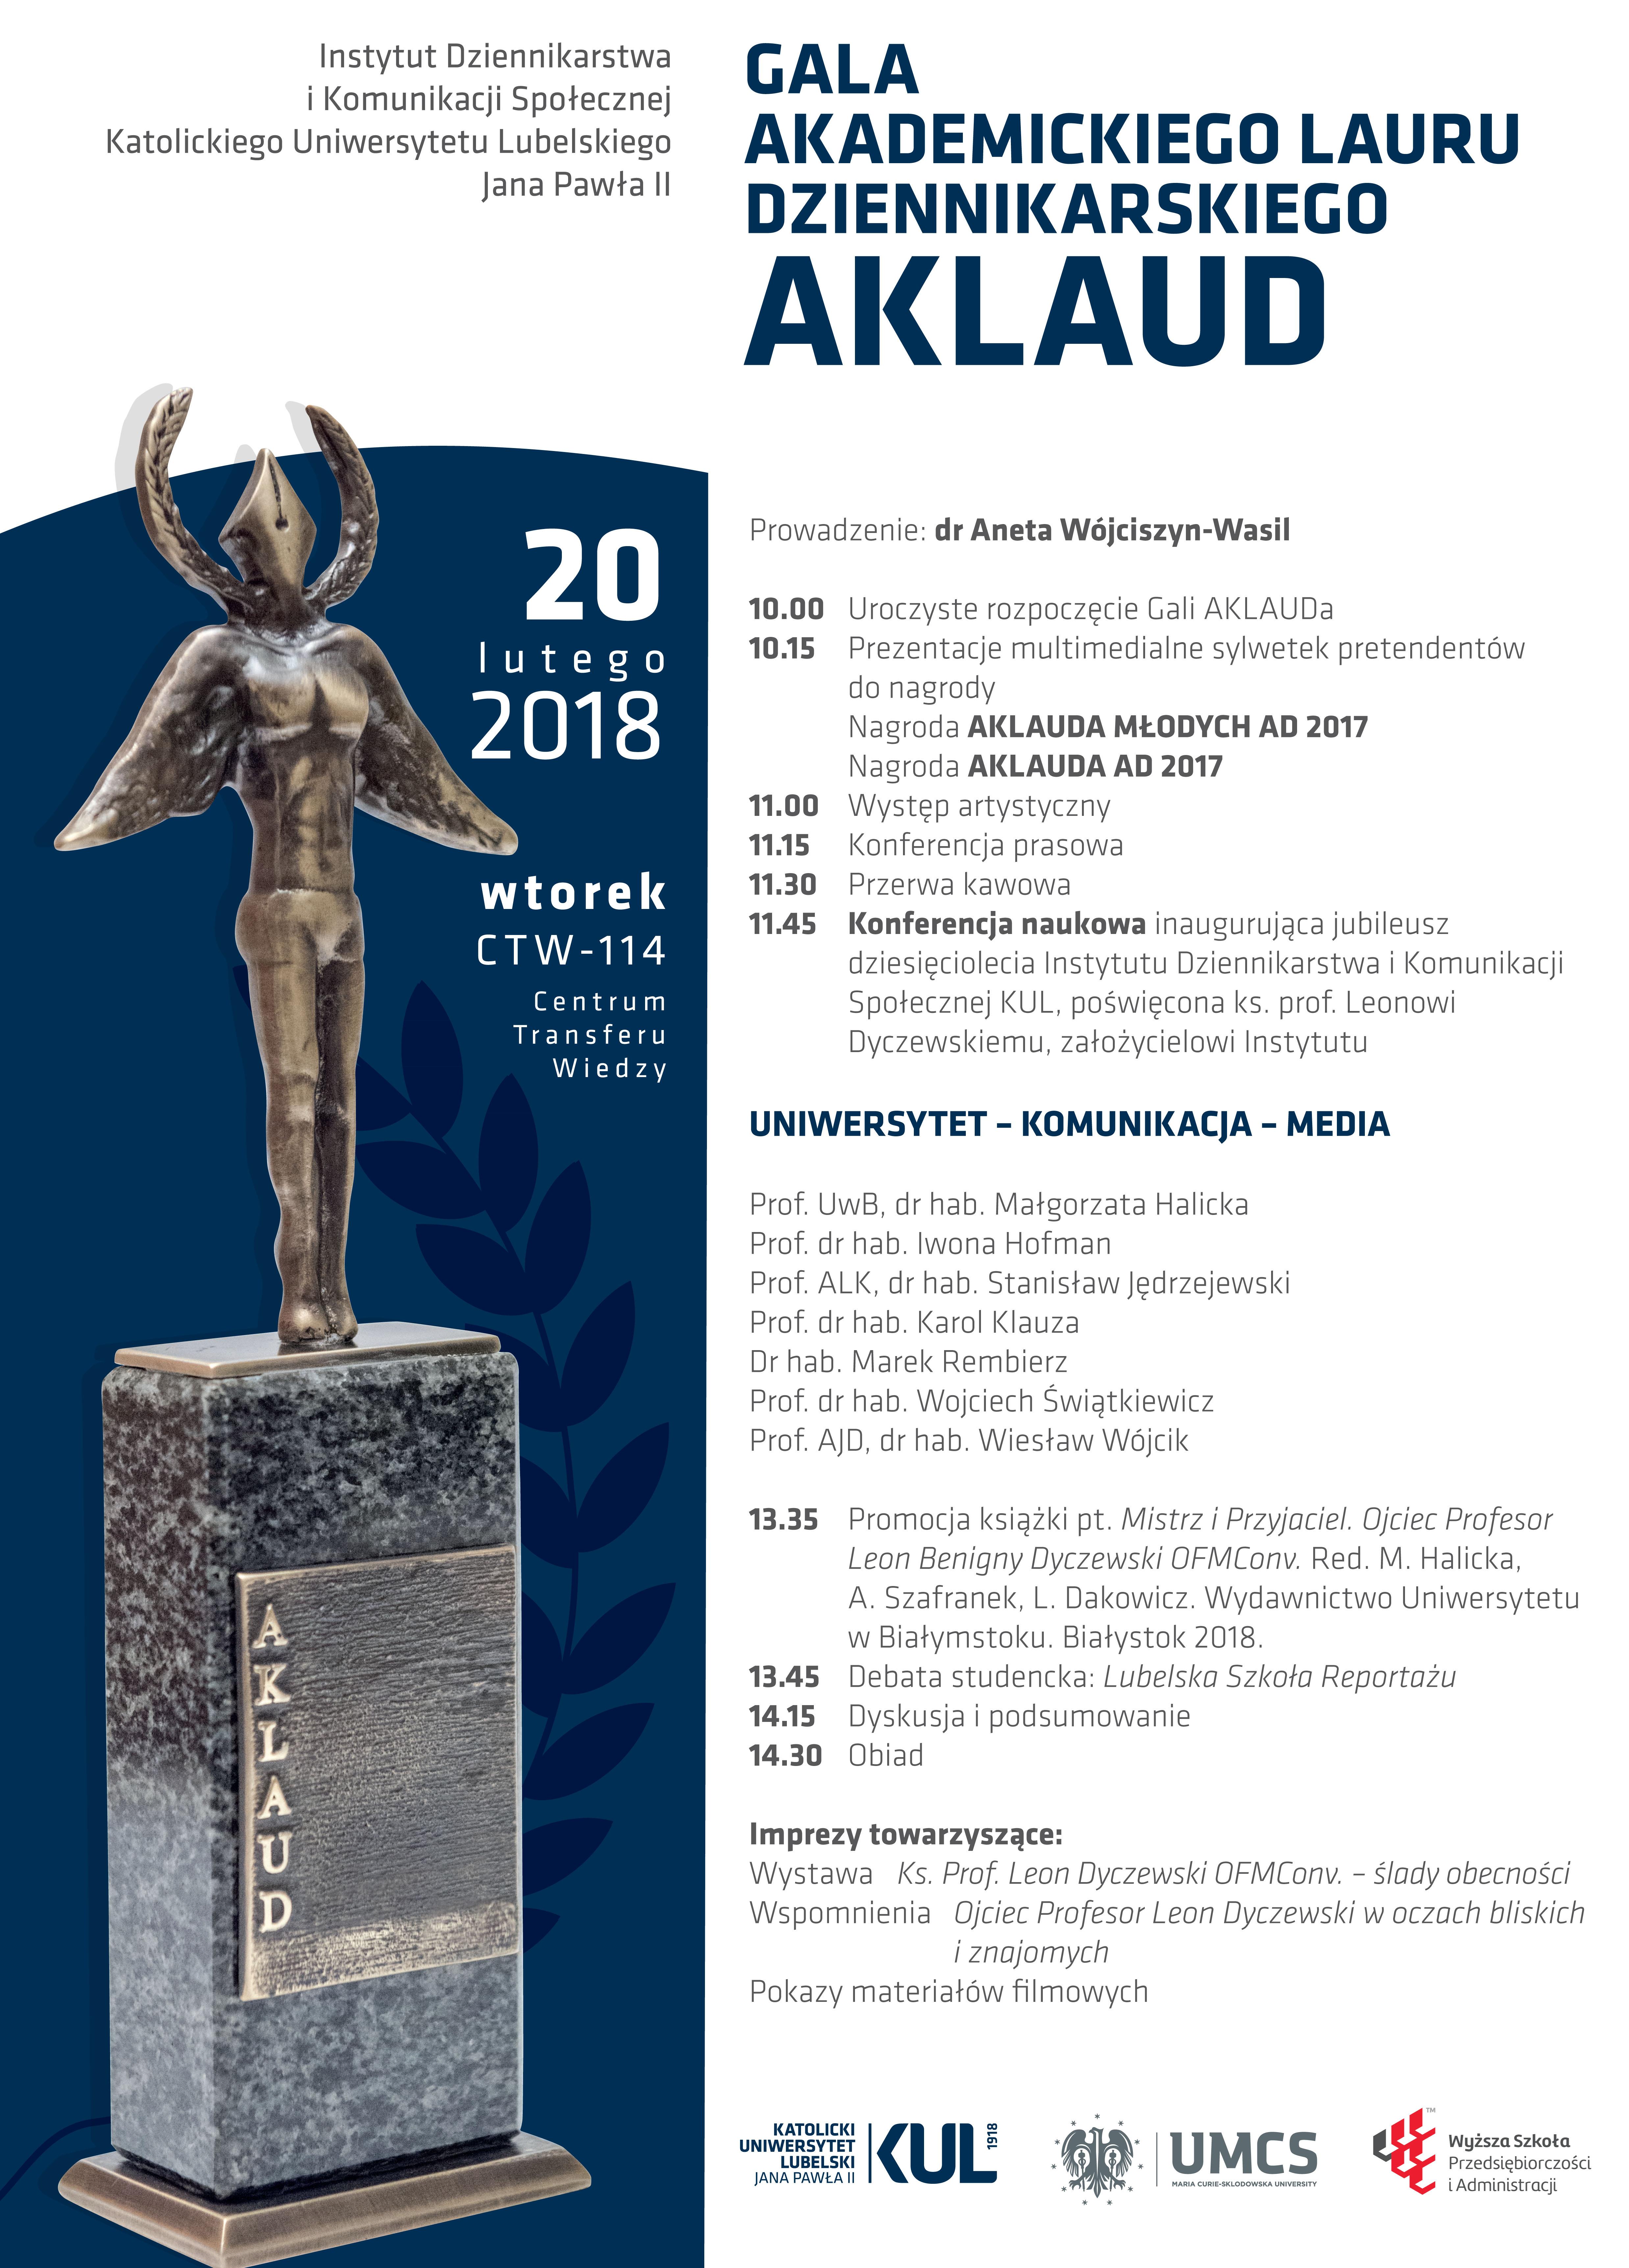 Gala Akademickiego Lauru Dziennikarskiego AKLAUD